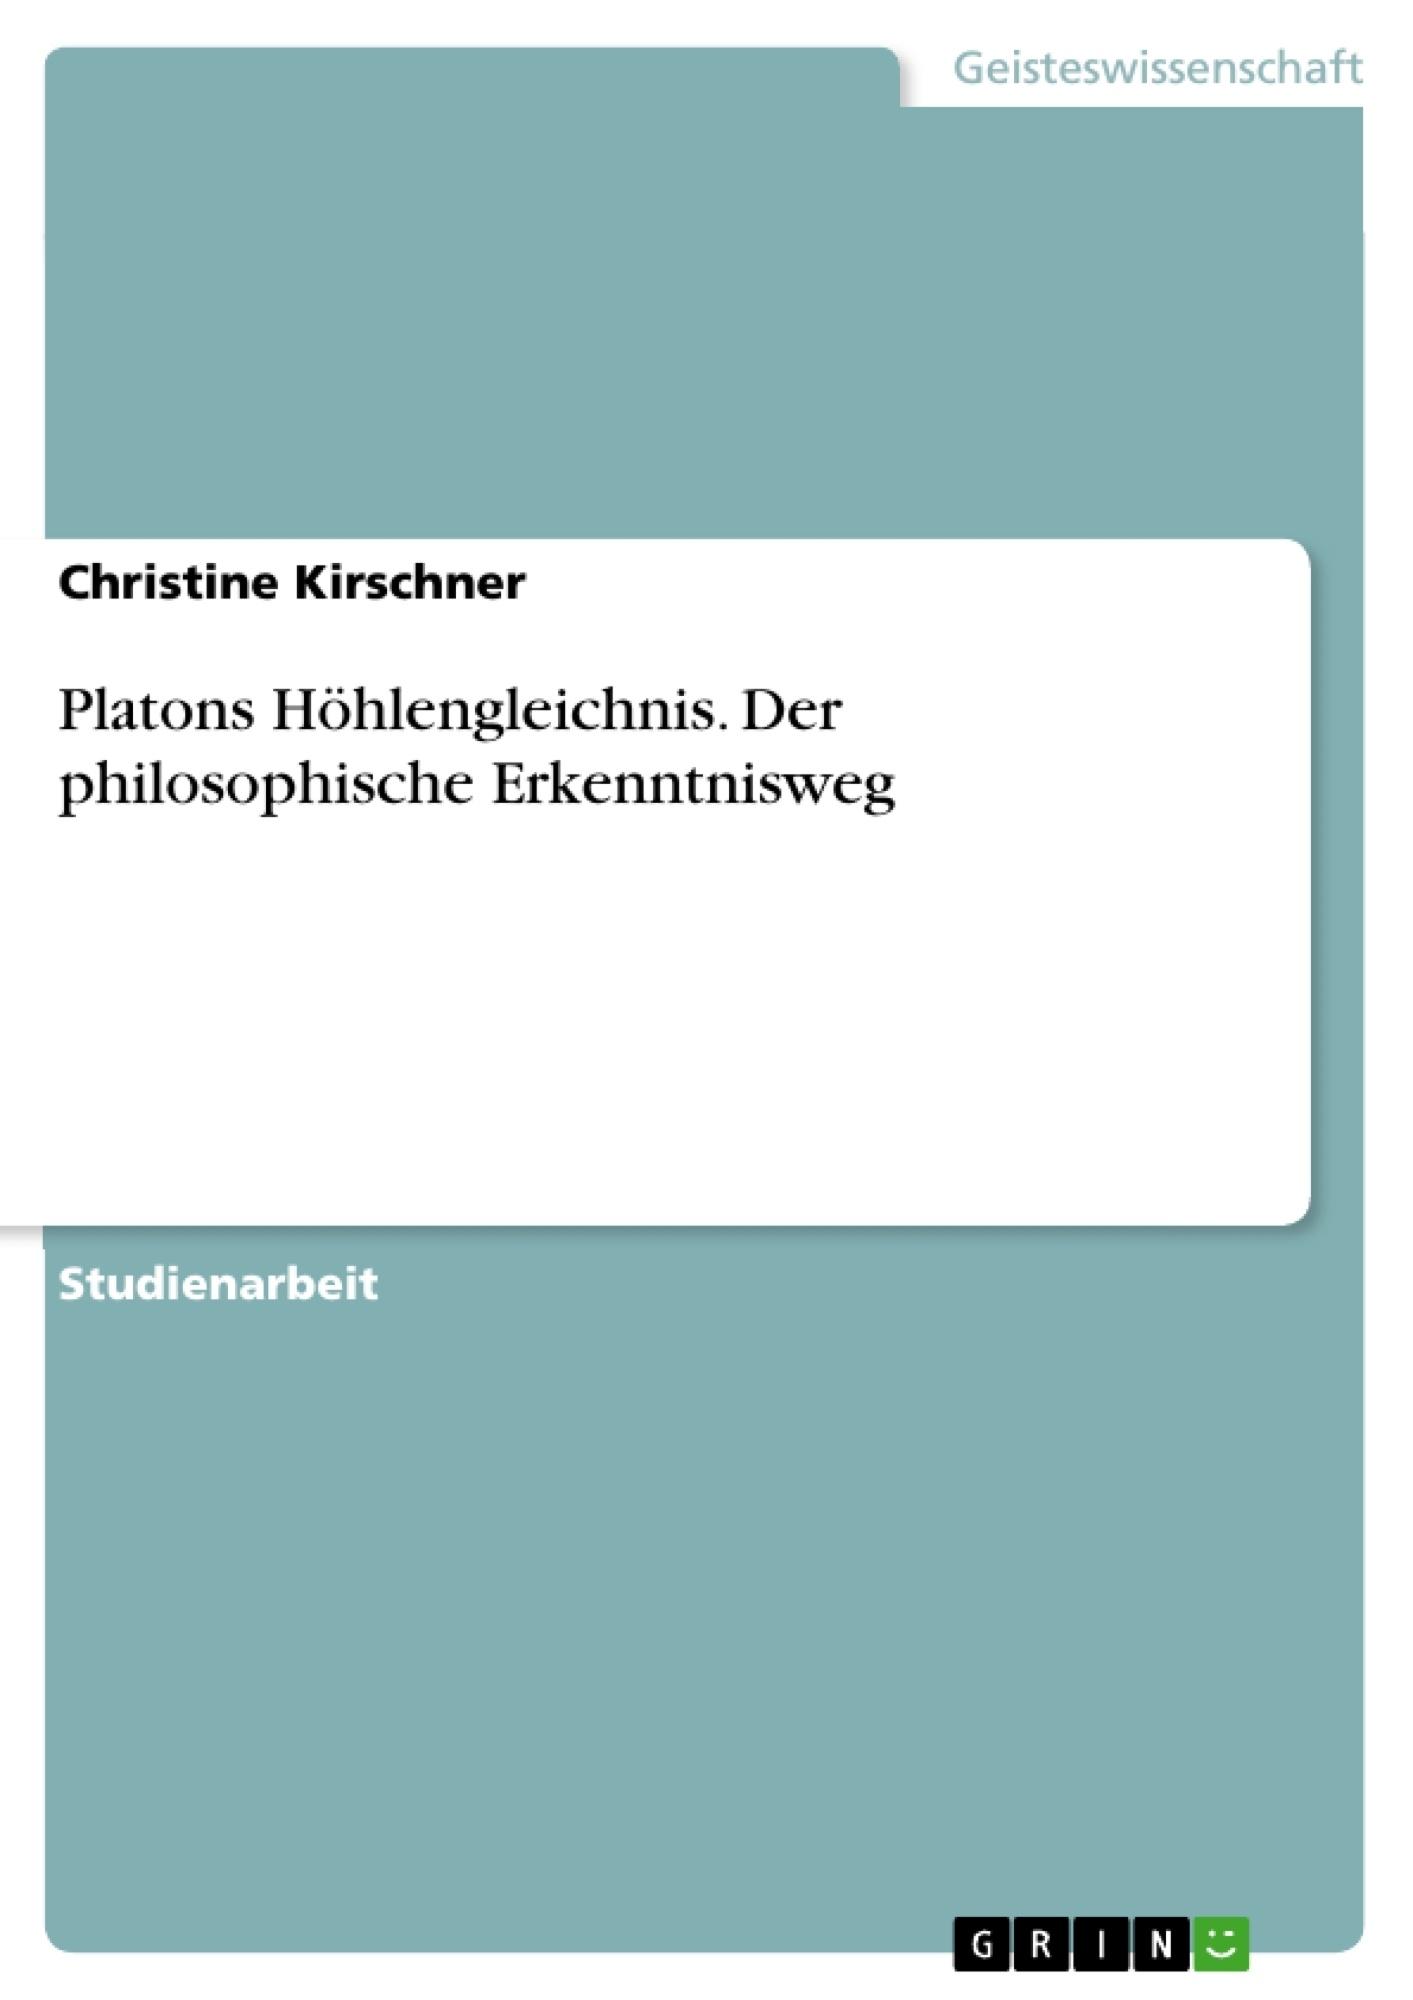 Titel: Platons Höhlengleichnis. Der philosophische Erkenntnisweg